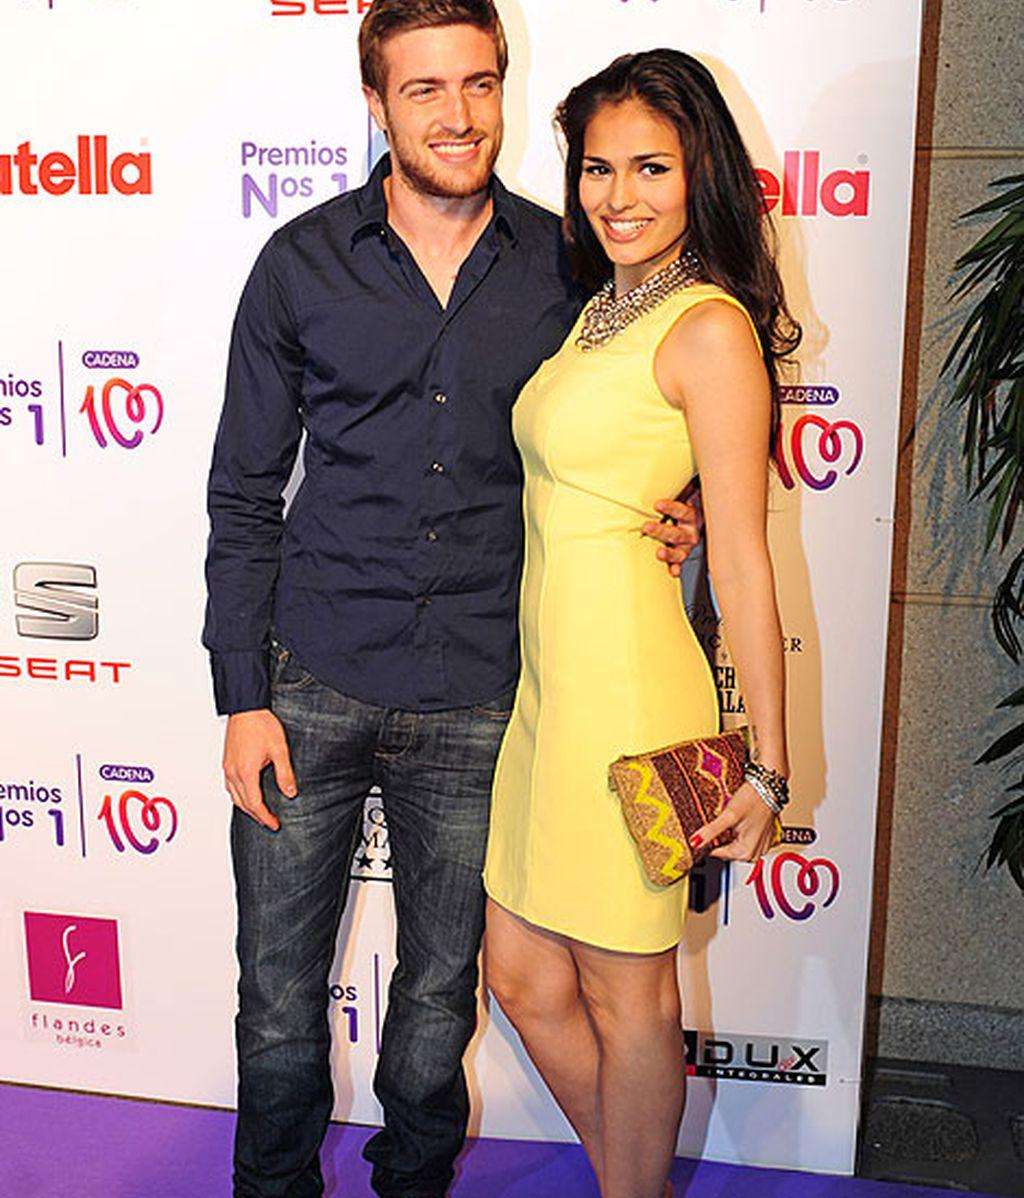 Los actores Sara Salamo y Raúl Merina, juntos en la entrega de premios